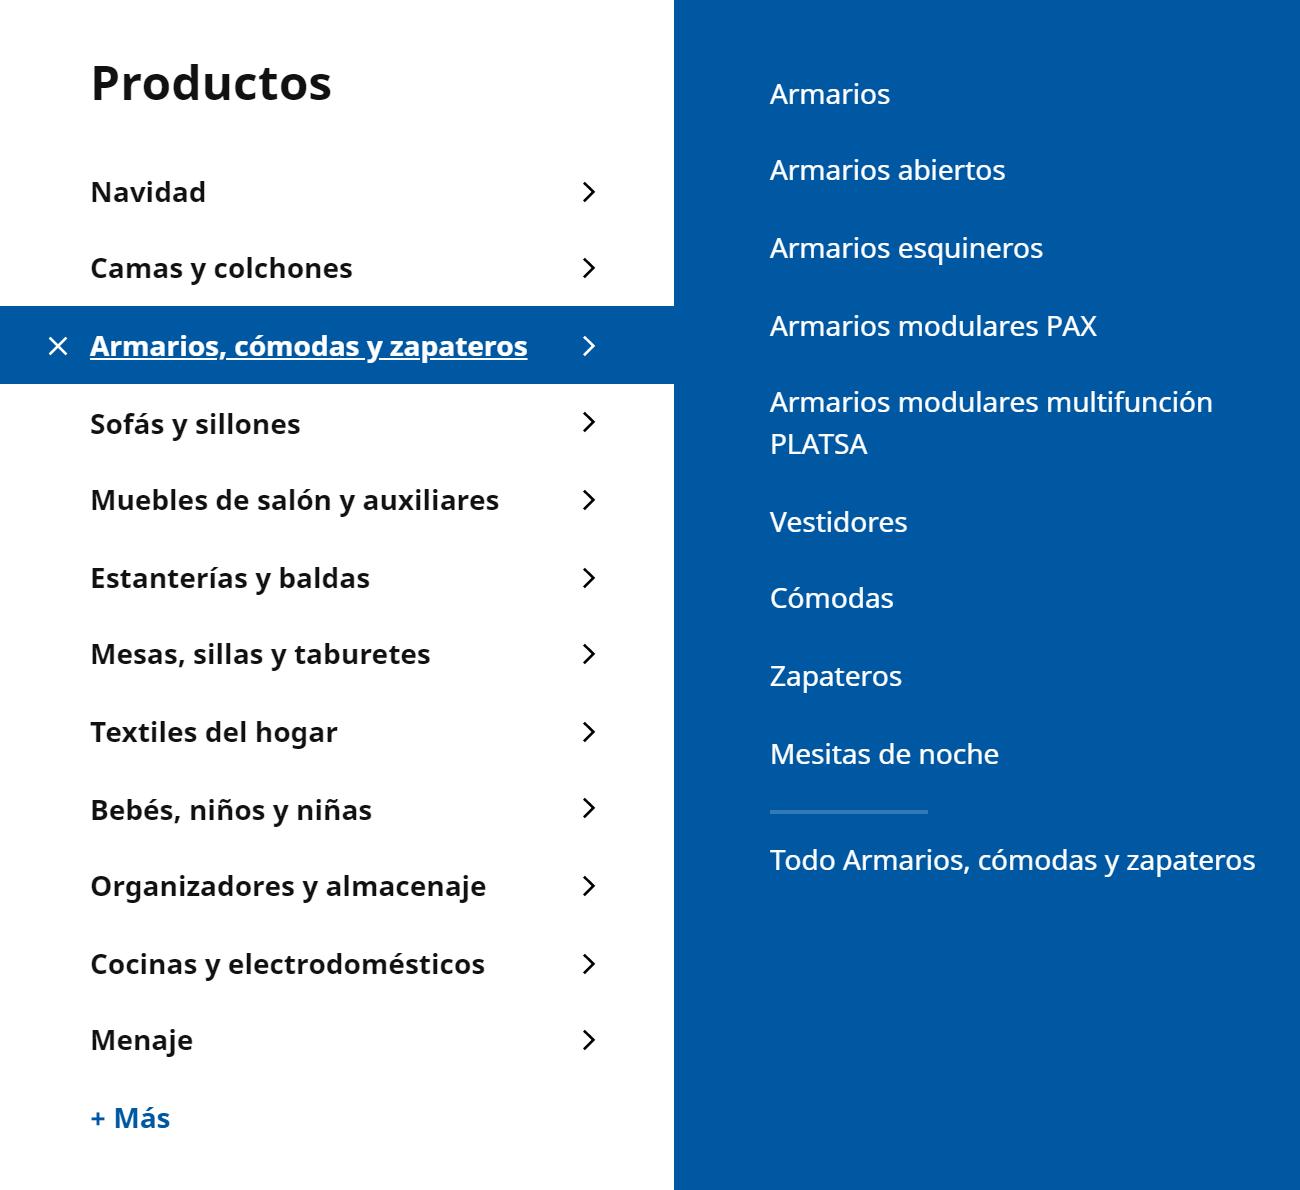 Los armarios abatibles no están categorizados en el menú de navegación de IKEA